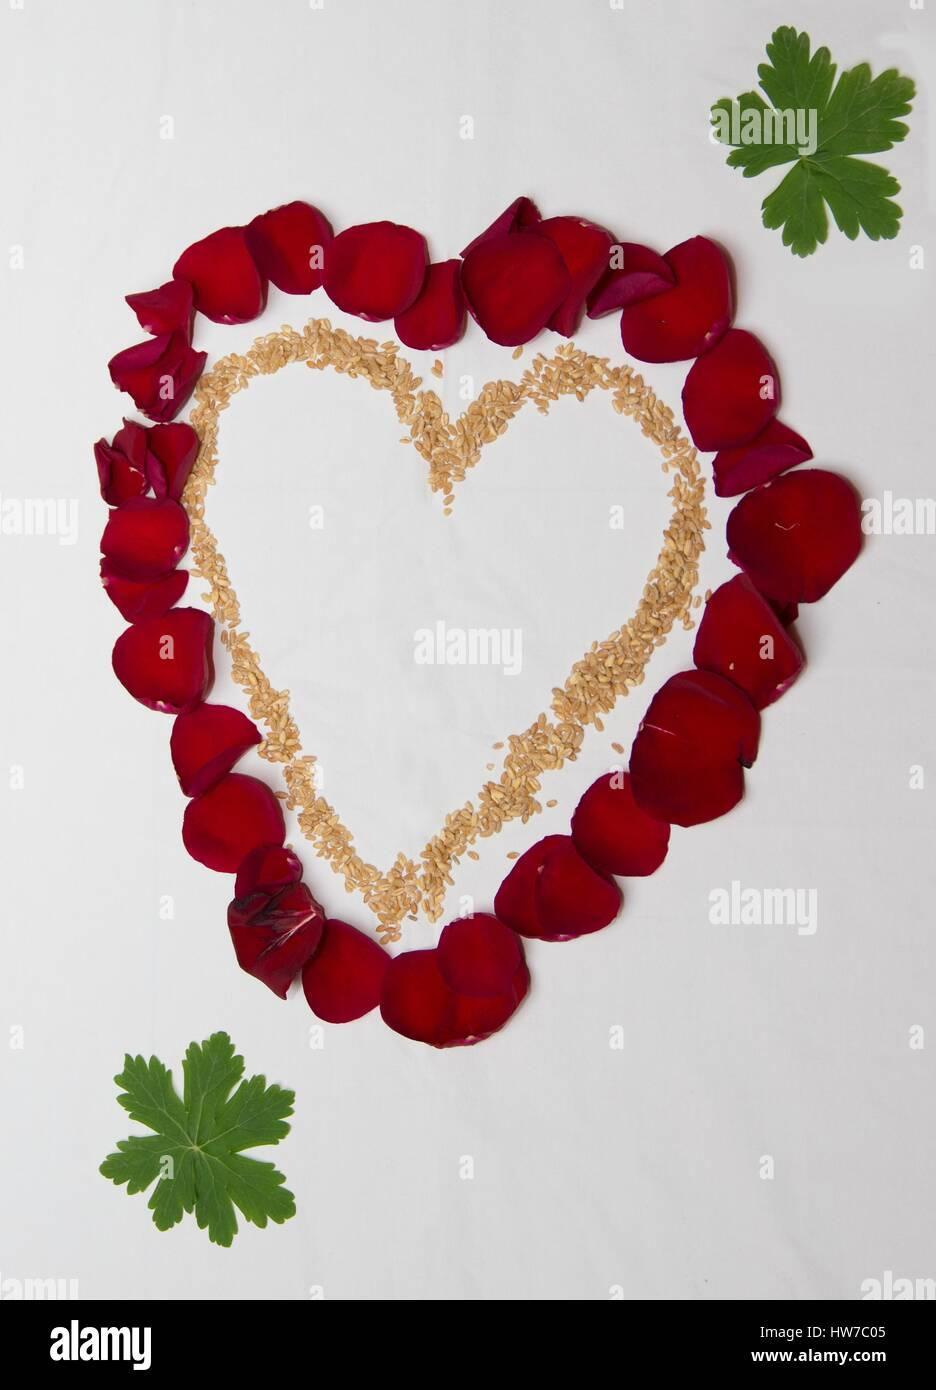 Herz aus den Blättern der Rosen und Weizen. Symbol für Liebe, Gesundheit und Wohlstand. Stockbild